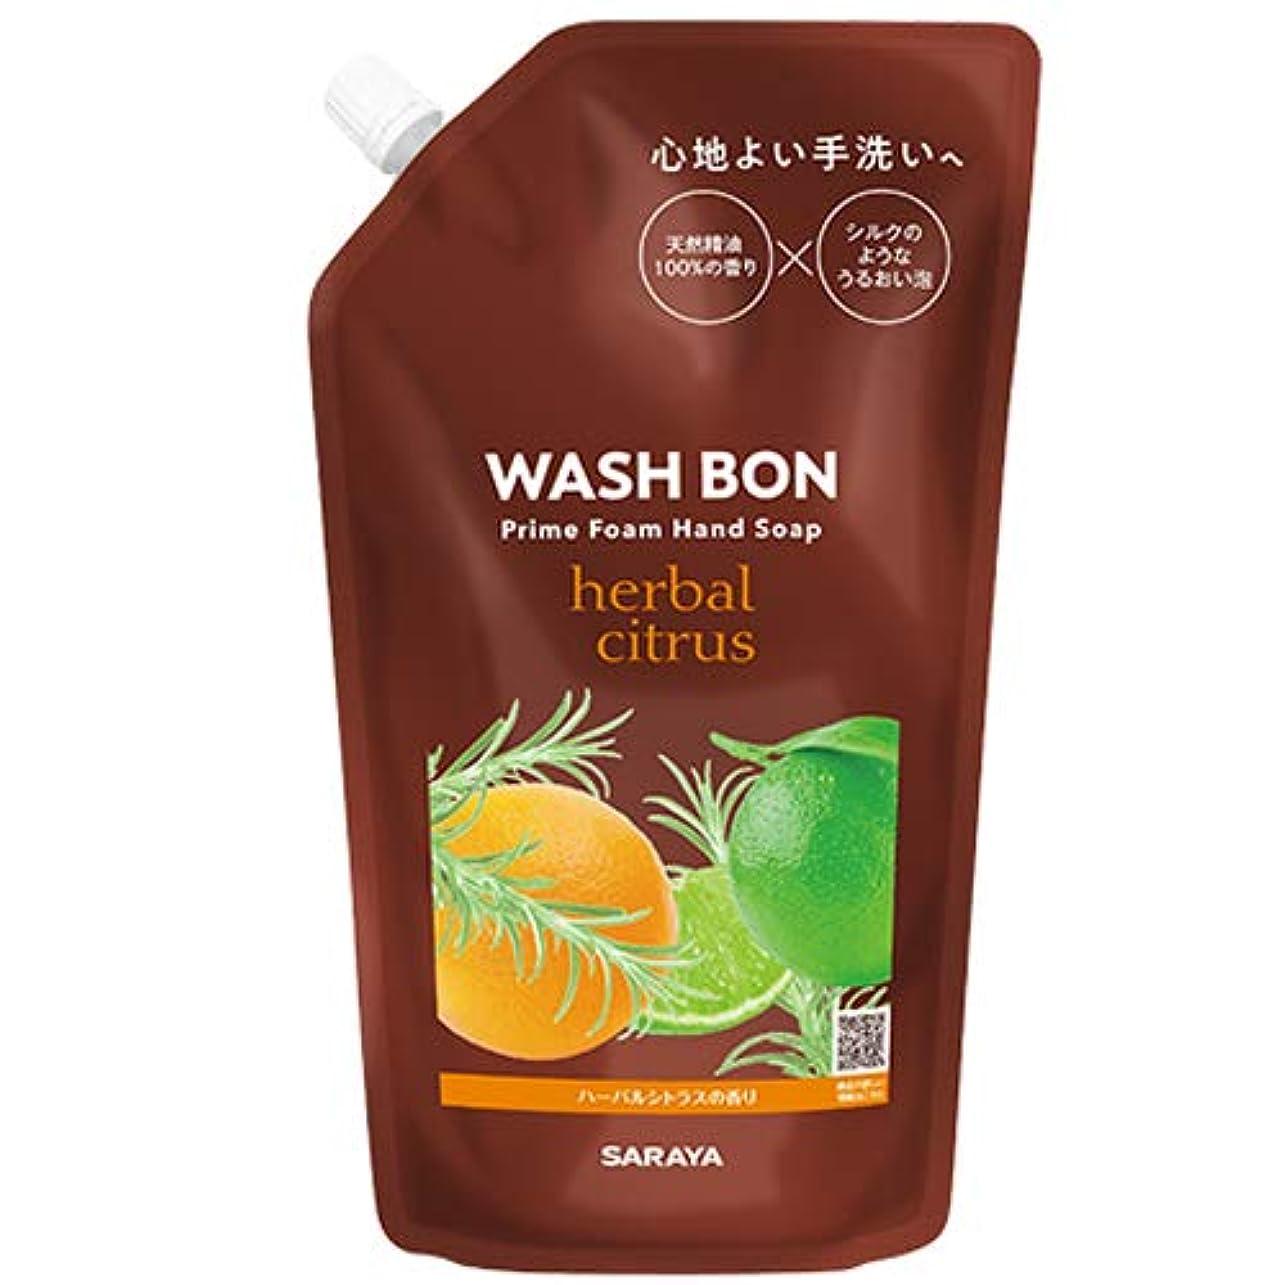 ハーネス印刷する始まりウォシュボン(WASH VON) プライムフォーム ハーバルシトラス 詰替用 400ml×5個セット